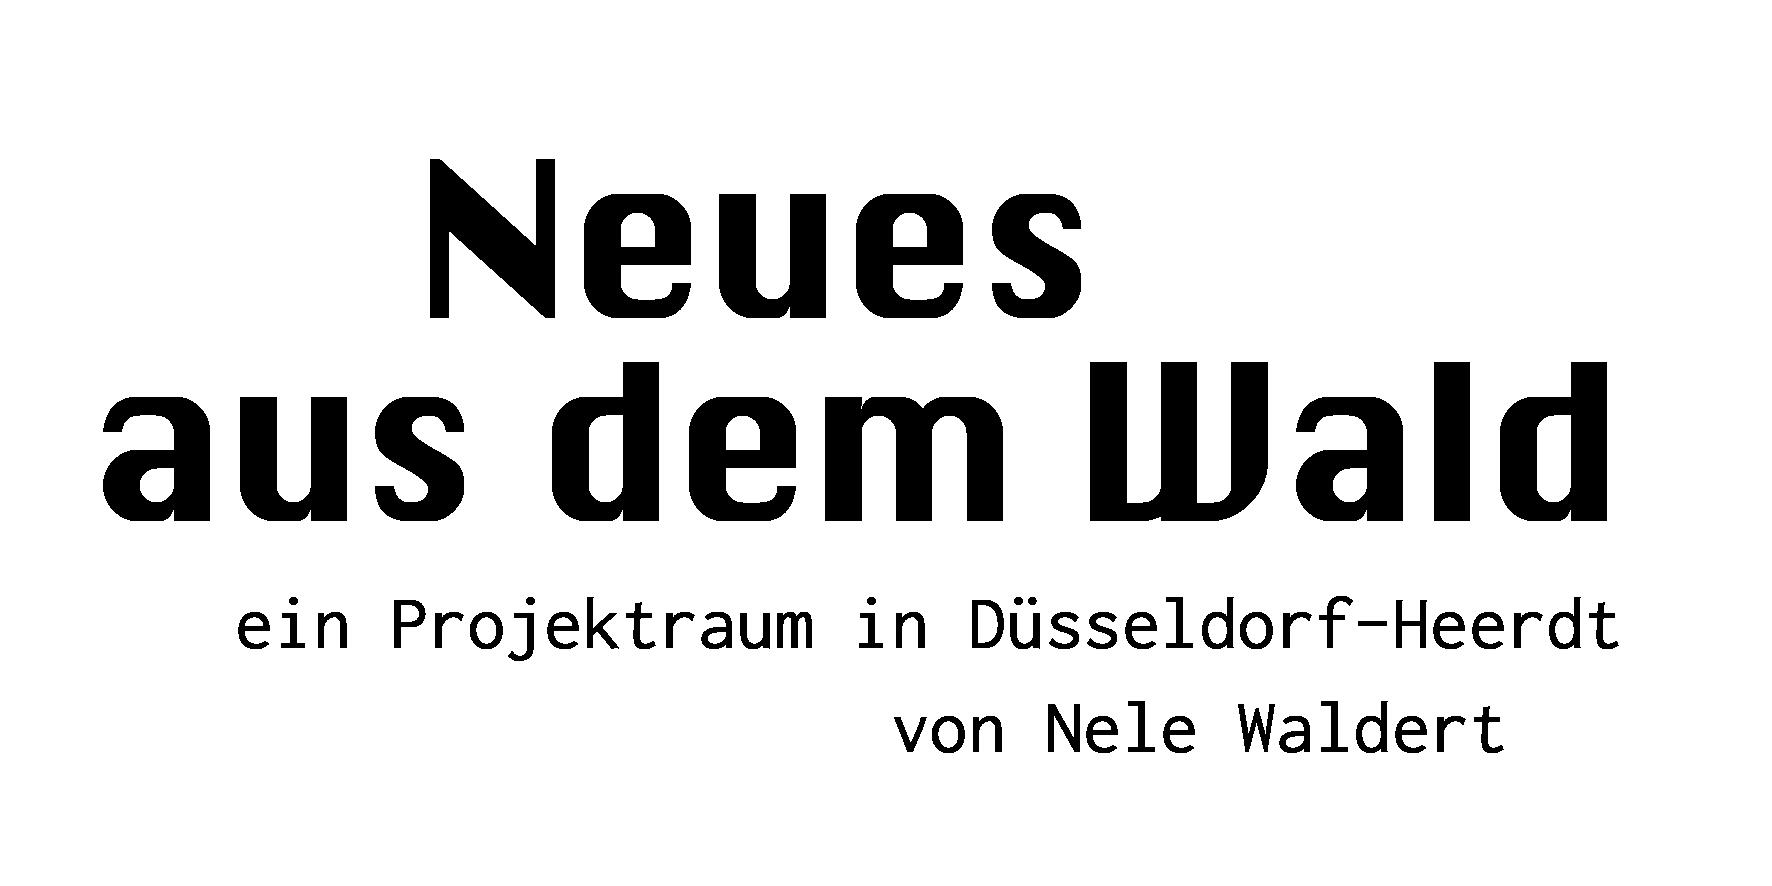 Der Projektraum von Nele Waldert